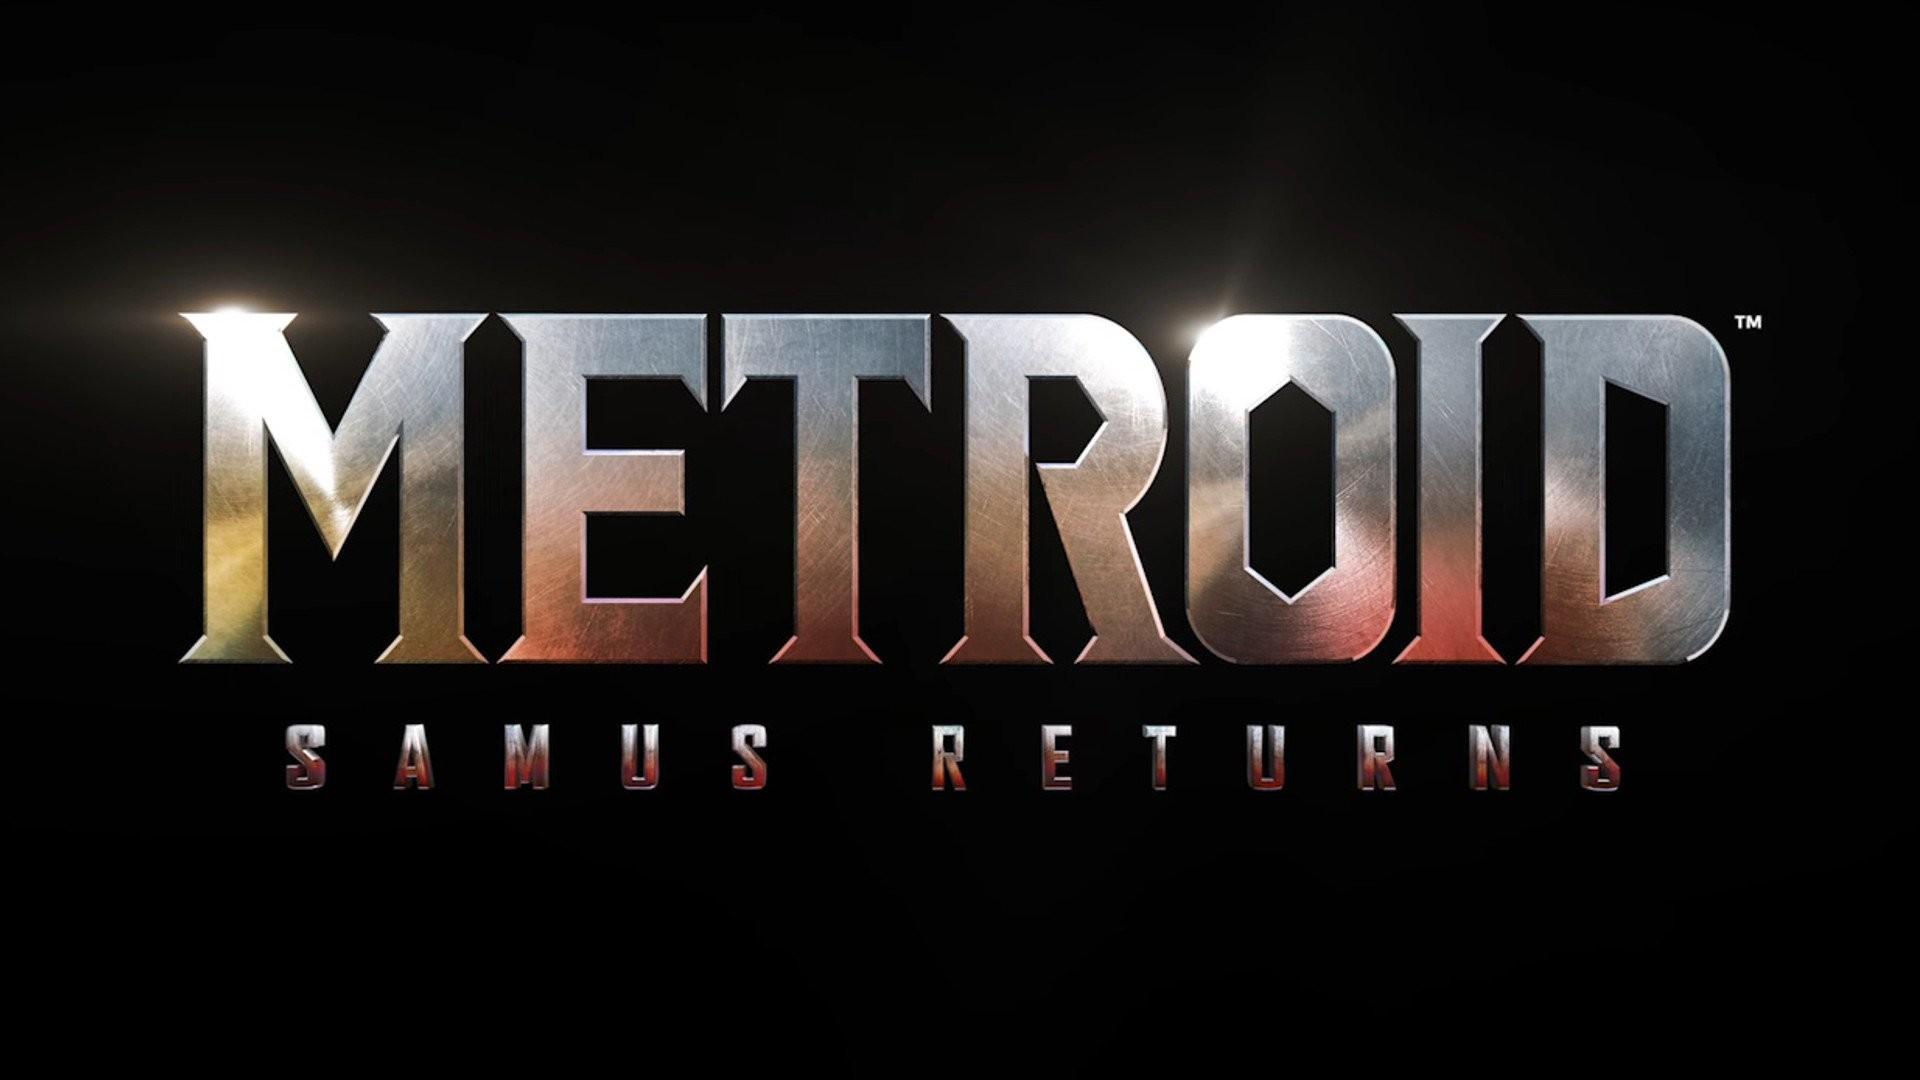 Video Game – Metroid: Samus Returns Wallpaper